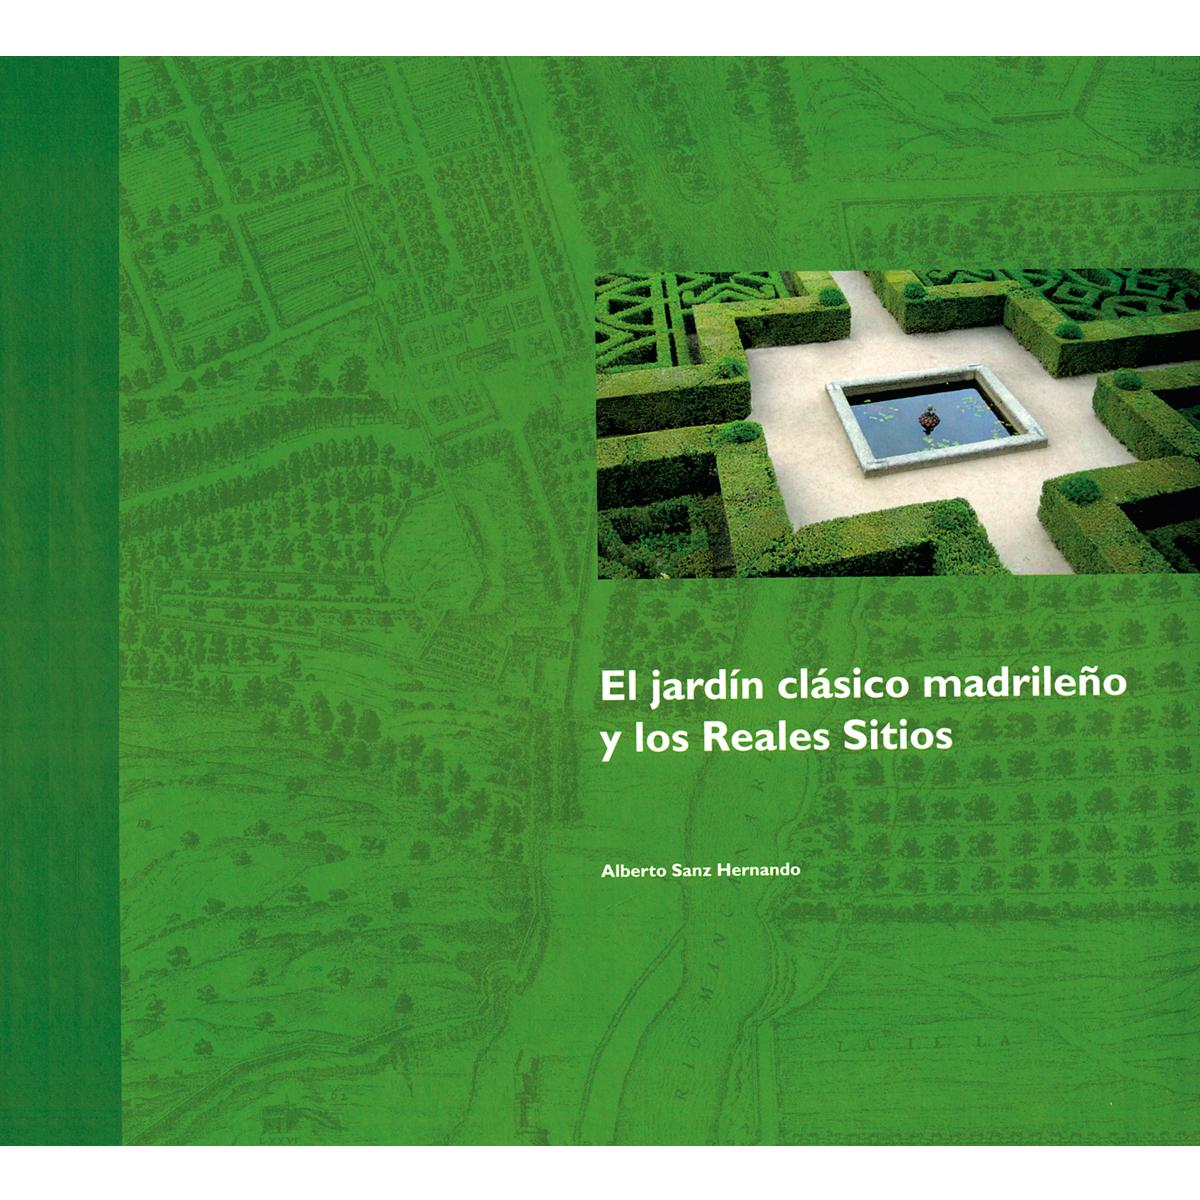 El jardín clásico madrileño  y los Reales Sitios